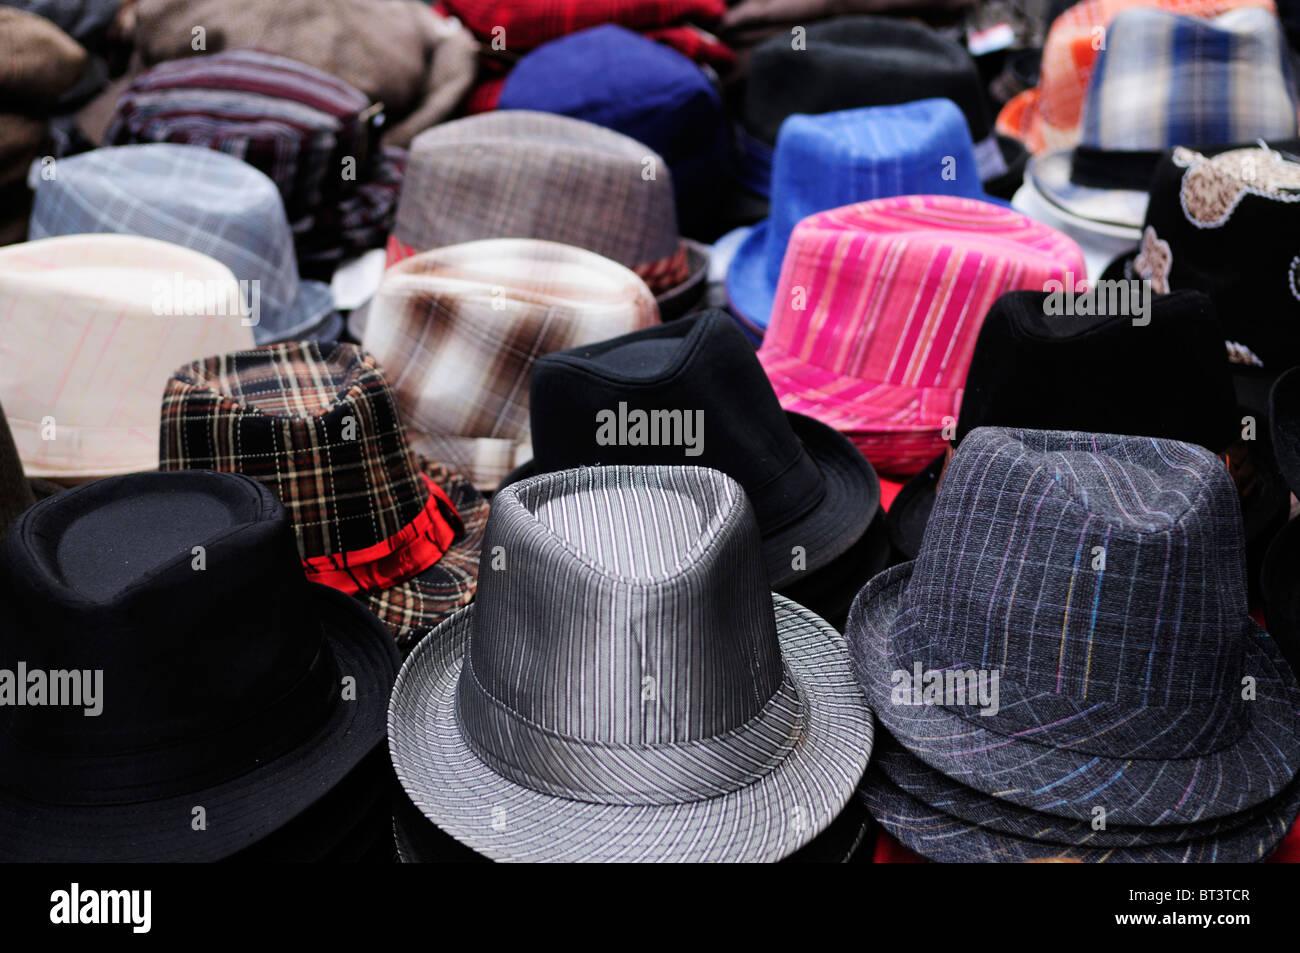 Sombreros Imágenes De Stock   Sombreros Fotos De Stock - Página 2 ... d976c3a9081